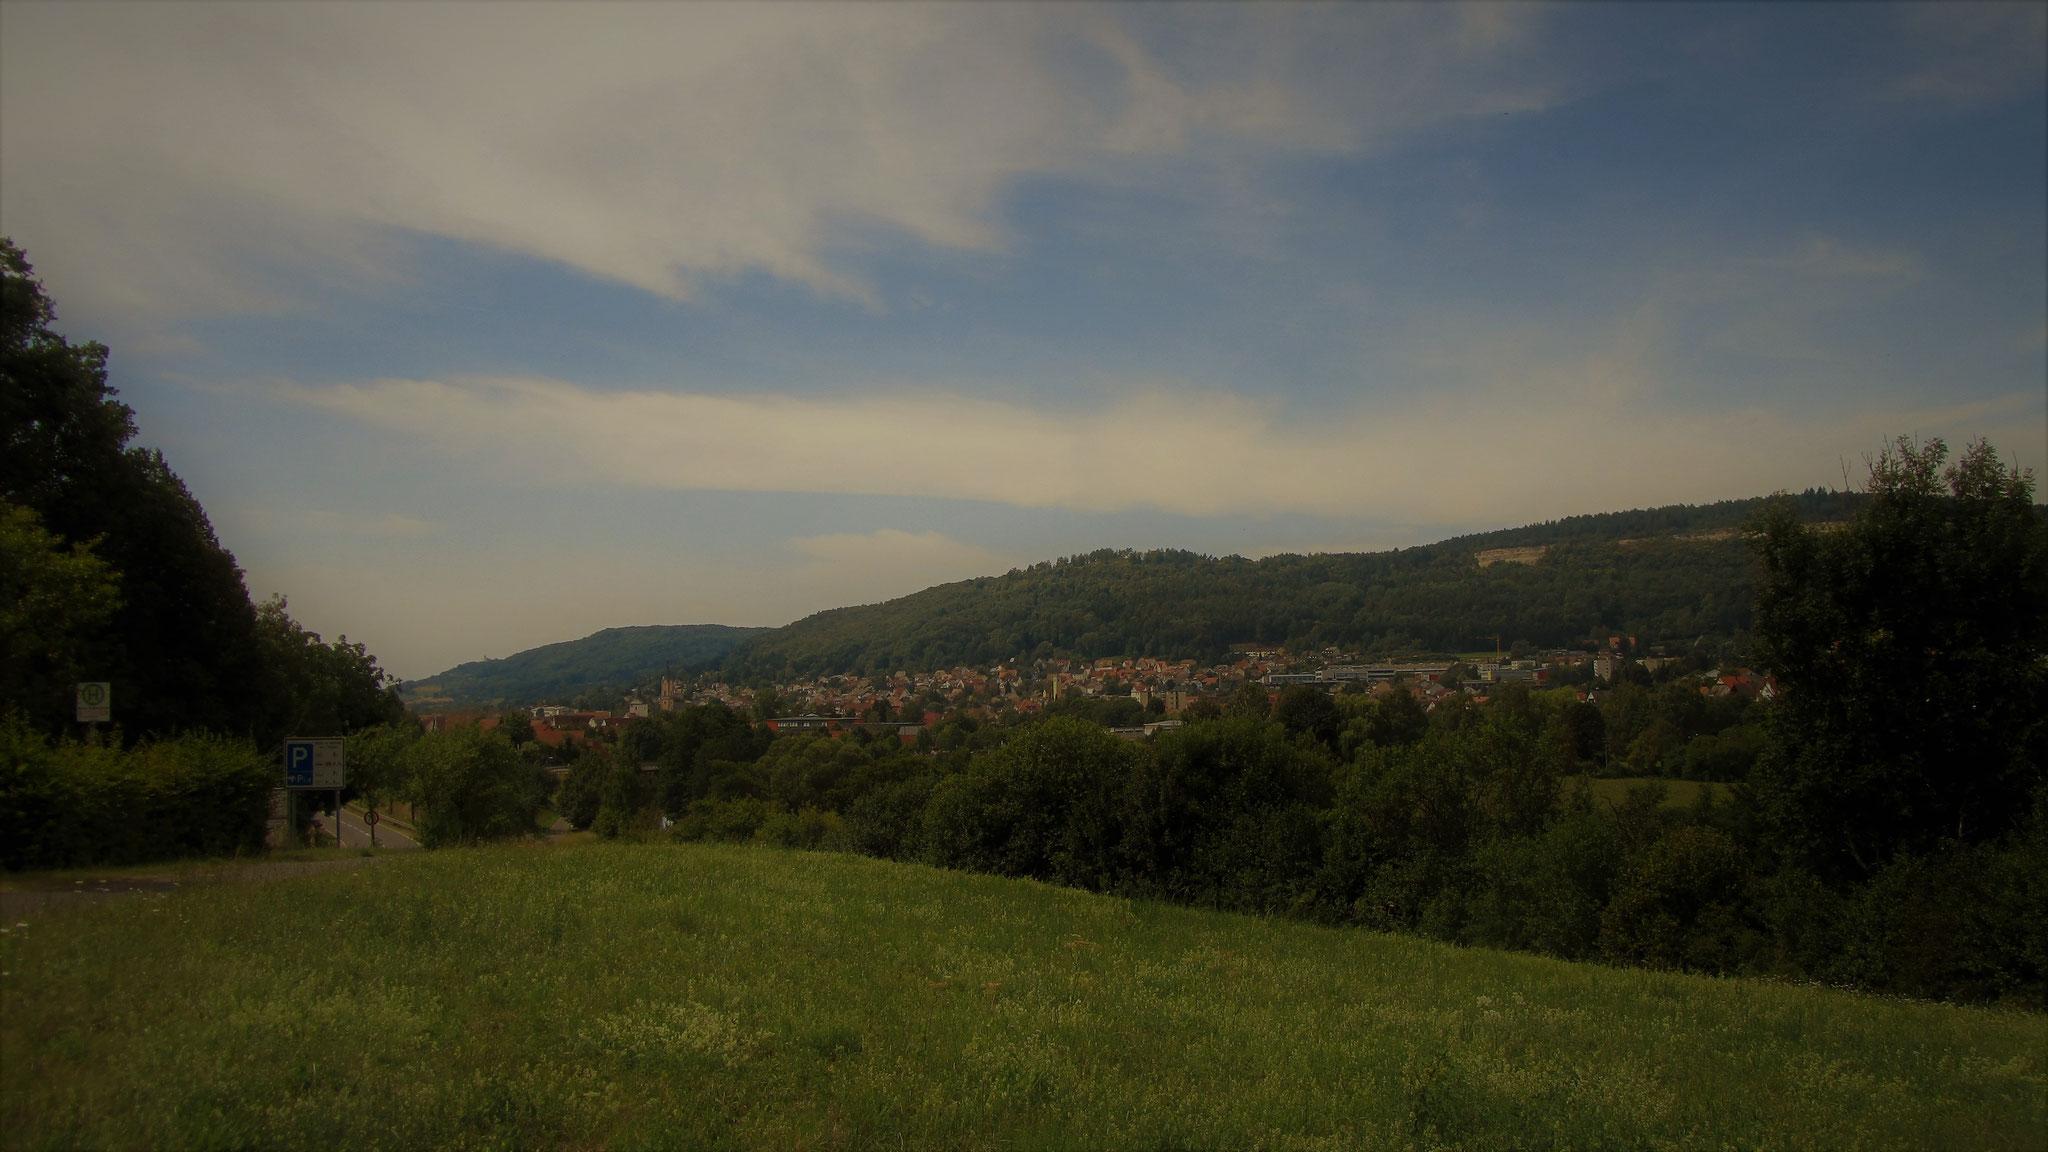 Die Kleinstadt Ebermannstadt in der Fränkischen Schweiz. 2km vom Landgasthof Bieger entfernt.